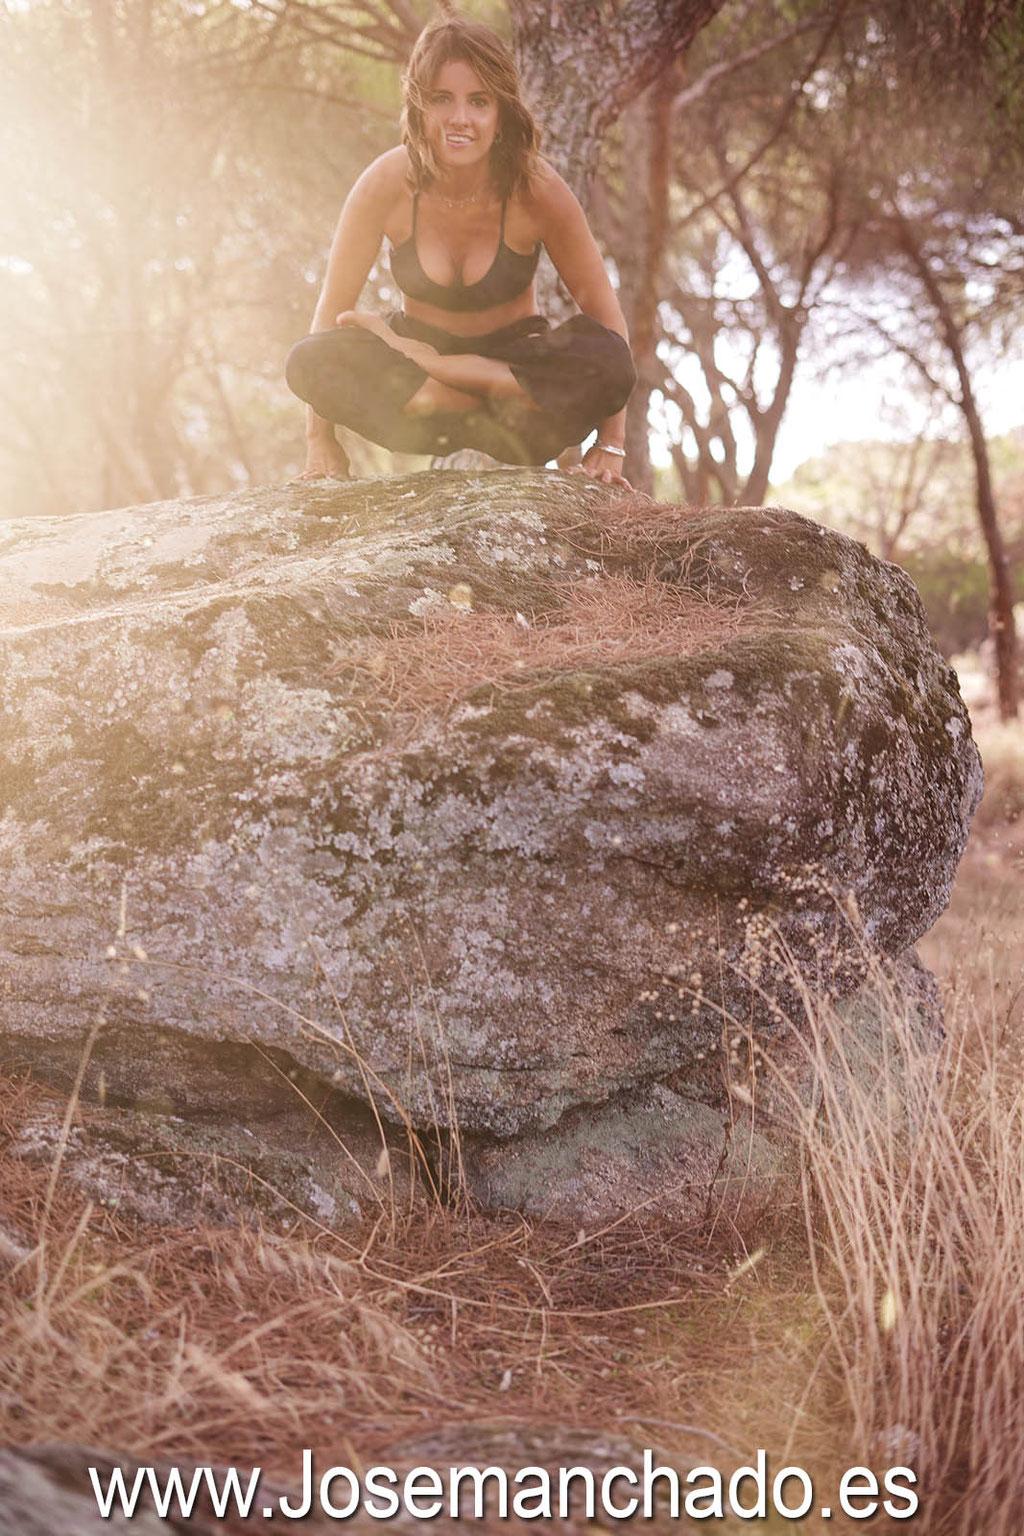 yoga, naturaleza, yoga en naturaleza, book fotos yoga, book fotos yoga madrid, book fotos yoga naturaleza, book fotos yoga campo